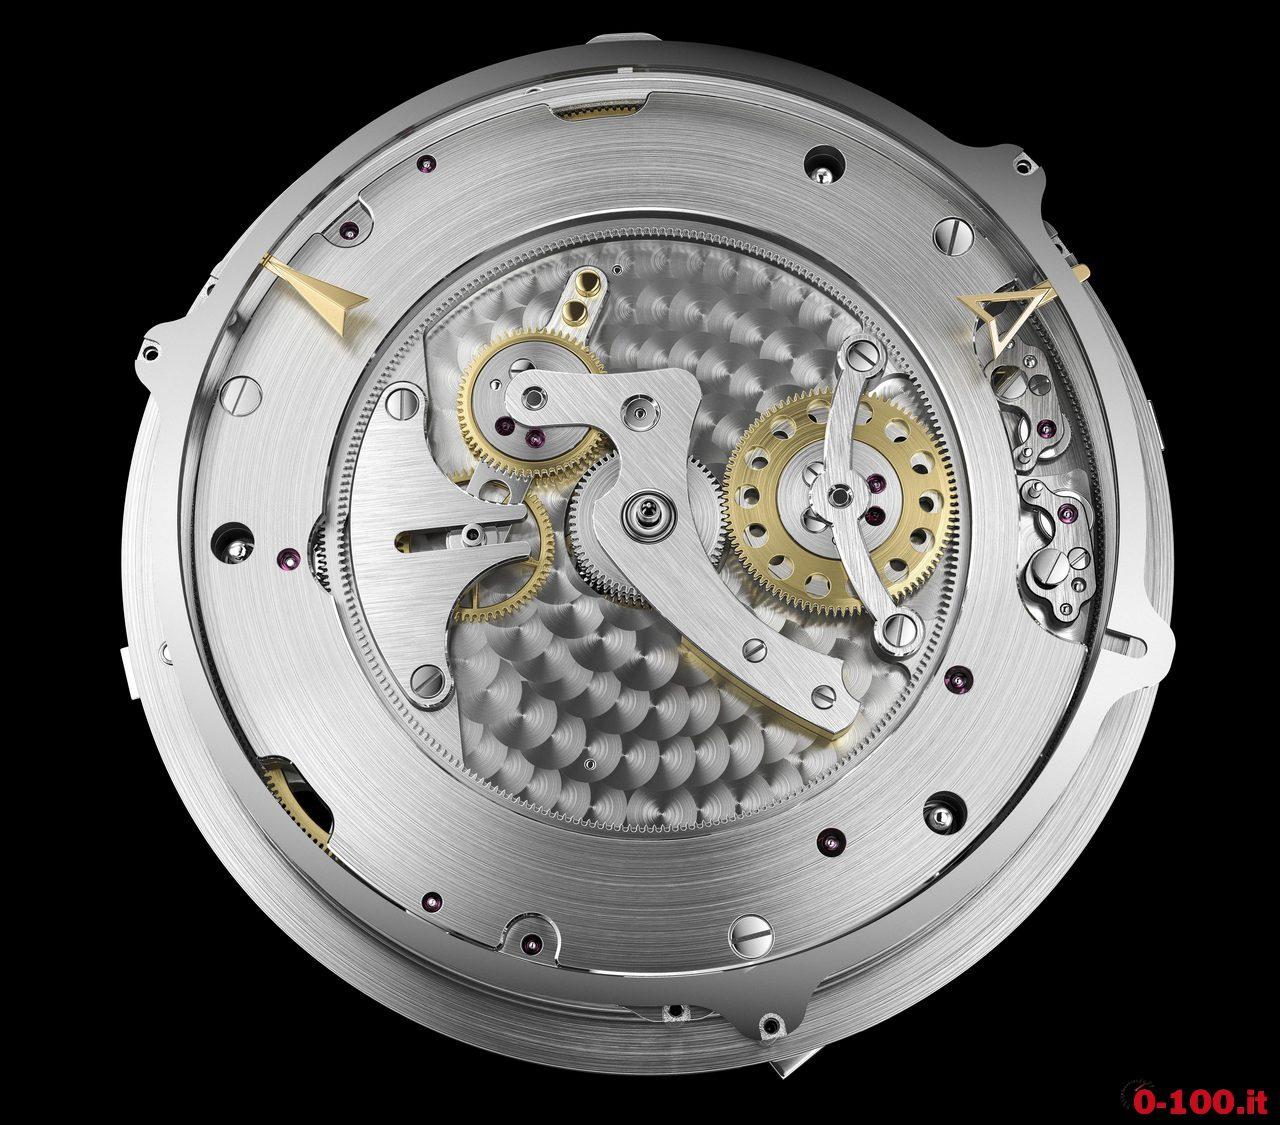 calibre 2460 RT Copernic recto